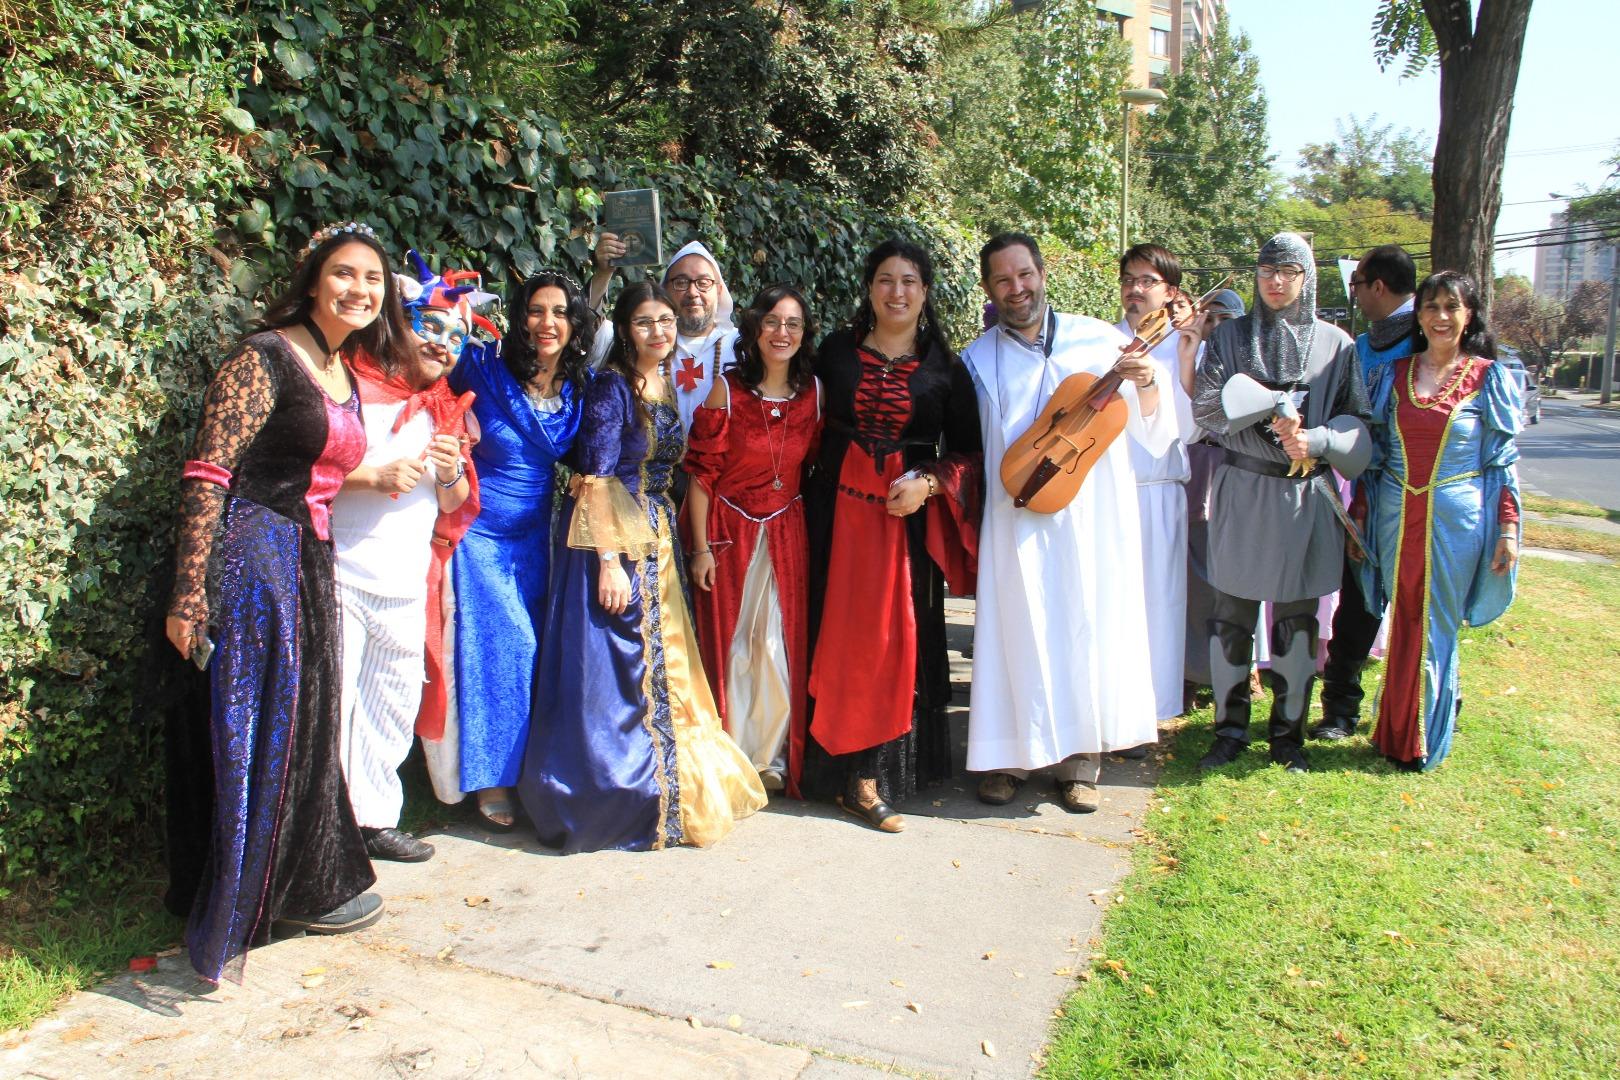 Llevaron música y disfraces de época por los alrededores del colegio